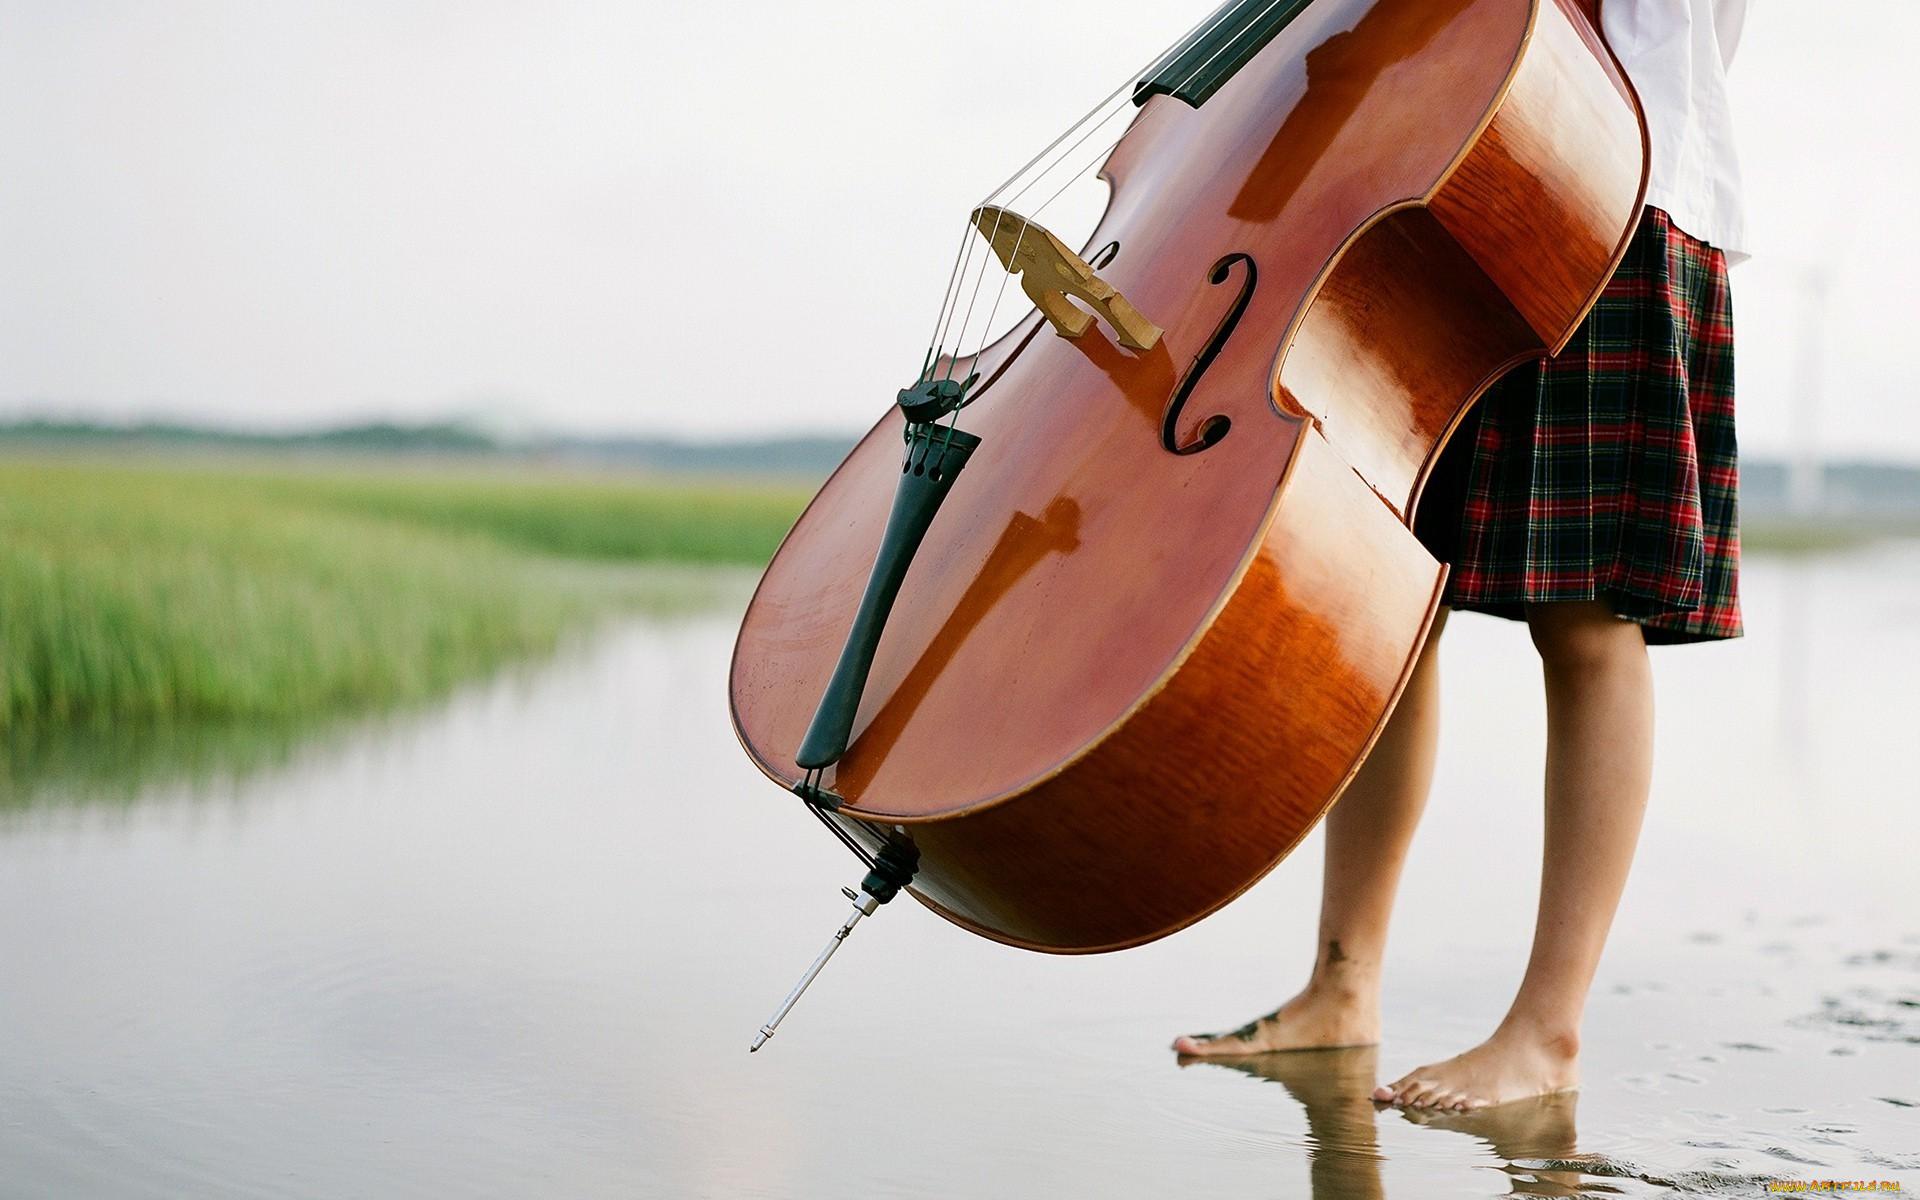 Позитивная музыка в картинках